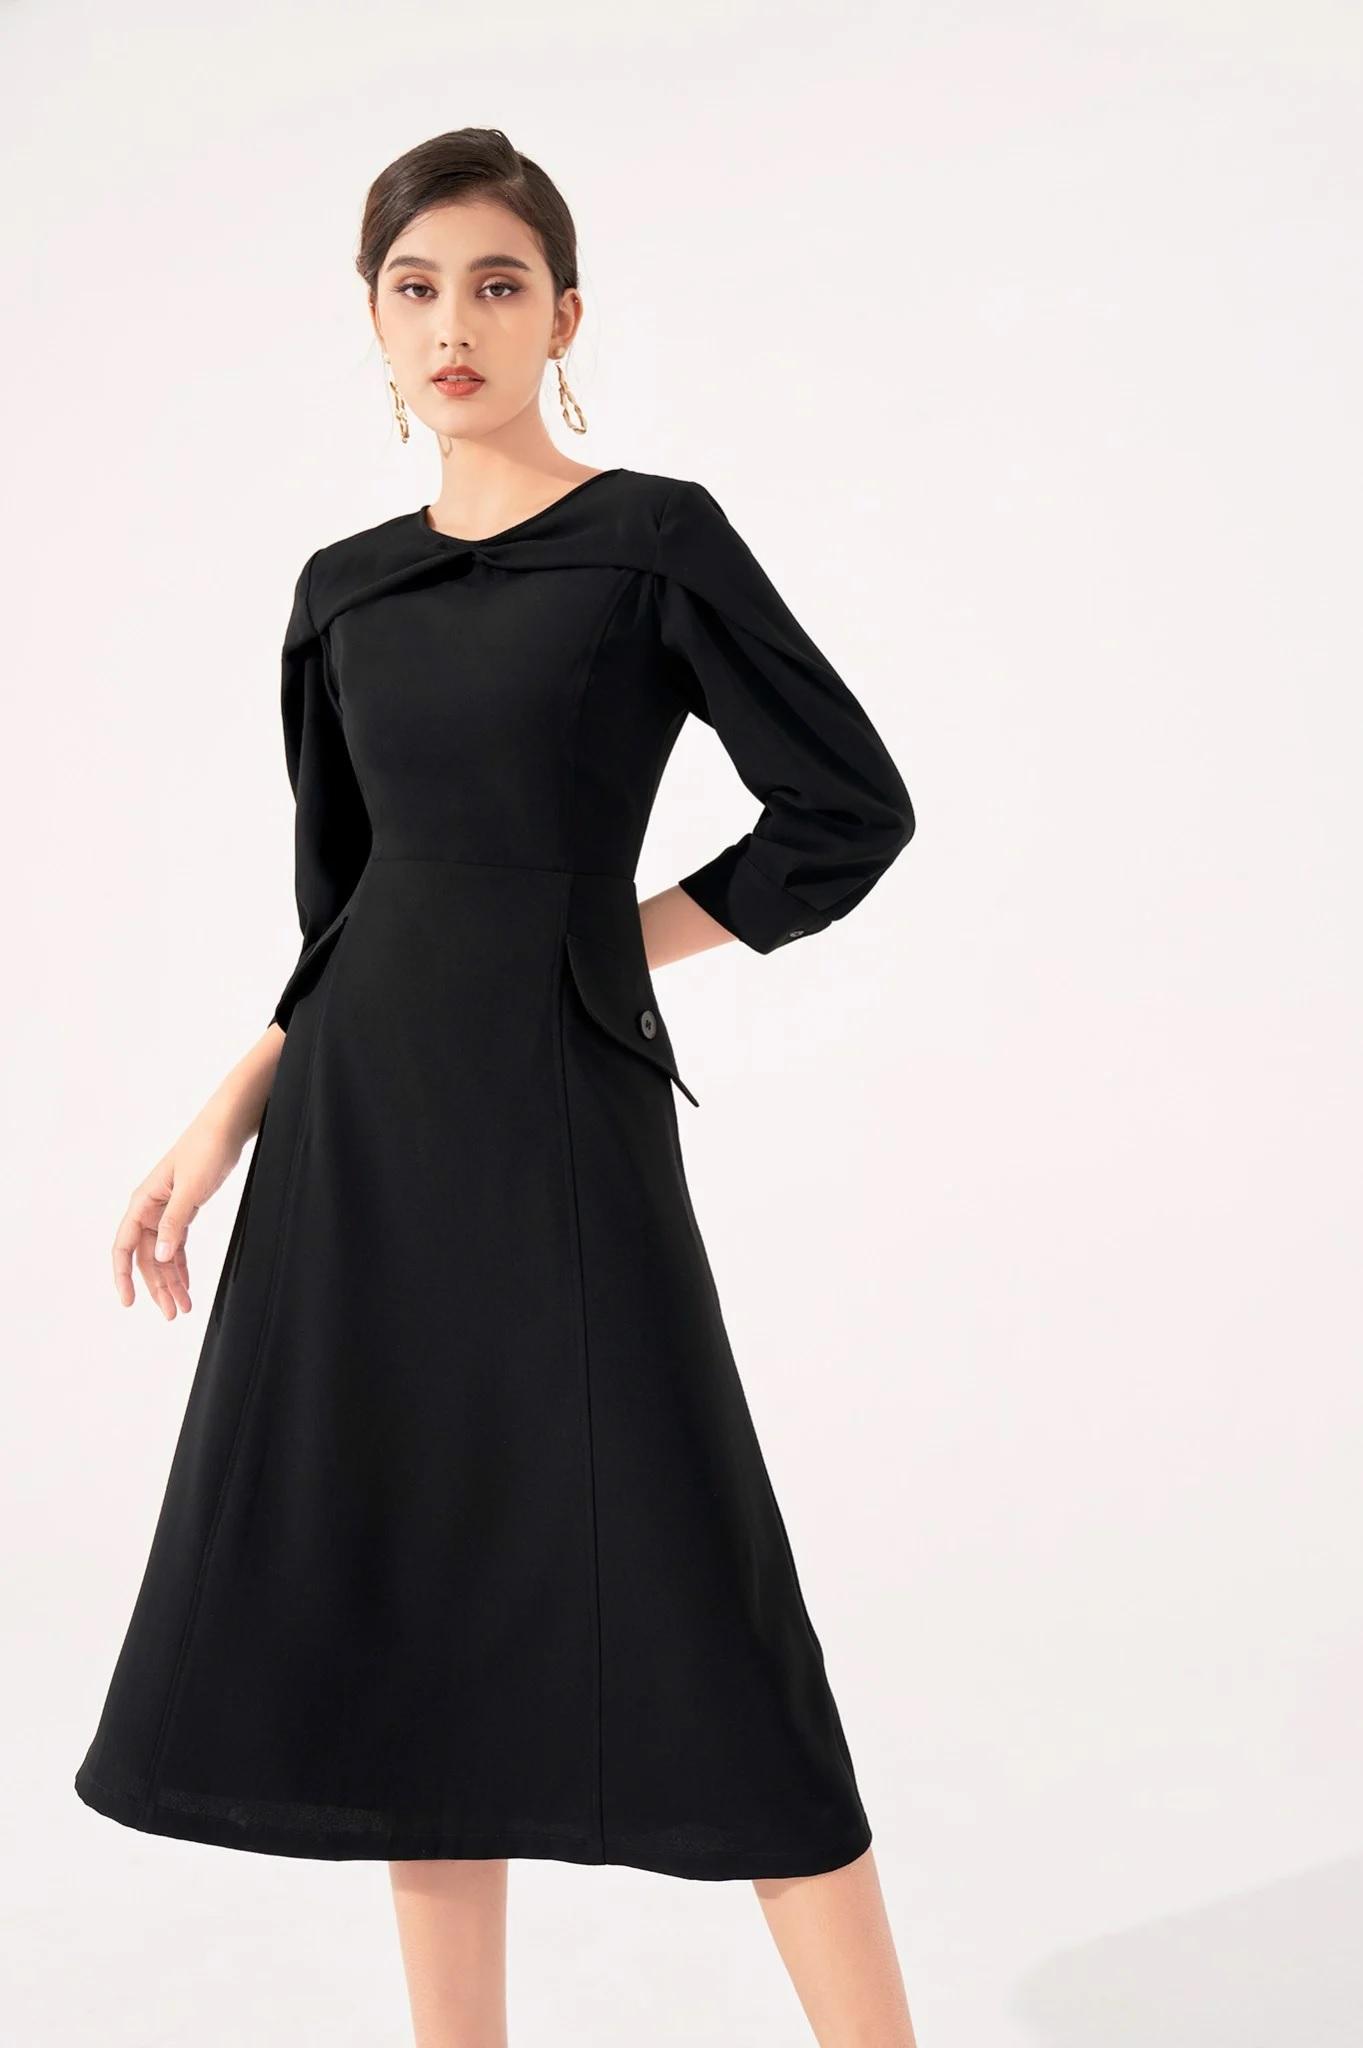 """Bóc giá chiếc váy bị chê """"dính phân chim"""" của Meghan Markle: Hàng hiệu giá 108 triệu, """"hack dáng"""" cực đỉnh cho bà bầu! - Ảnh 7."""